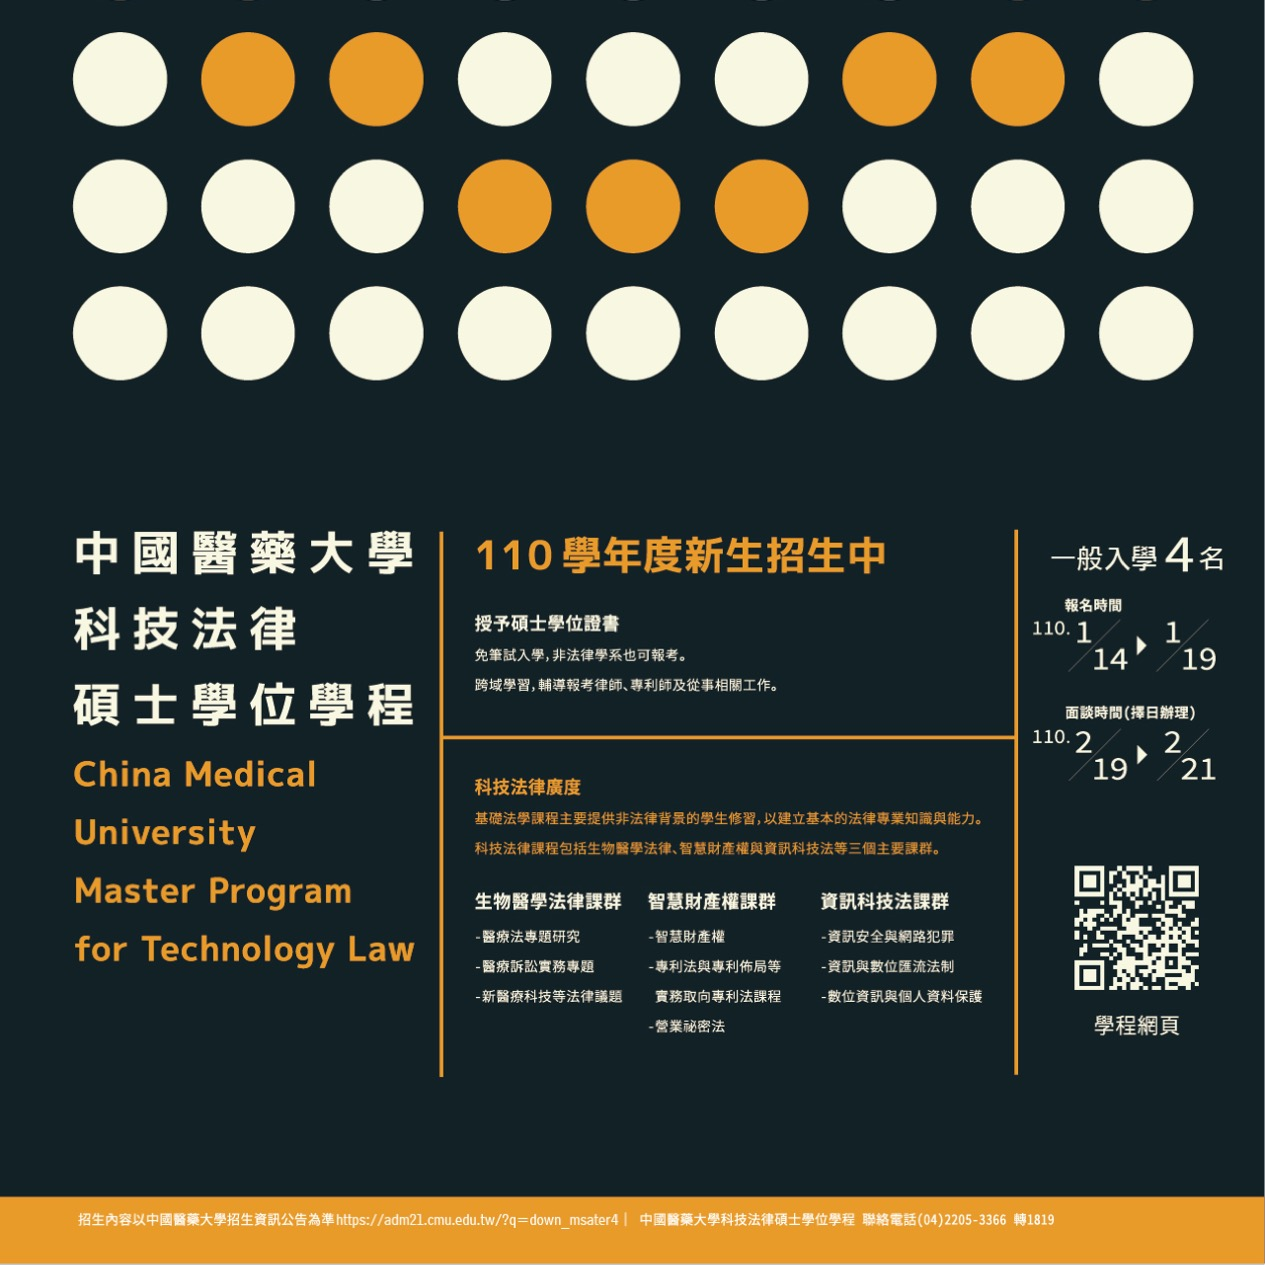 【招生訊息】110學年度「科技法律碩士學位學程」一般考試入學招生中~